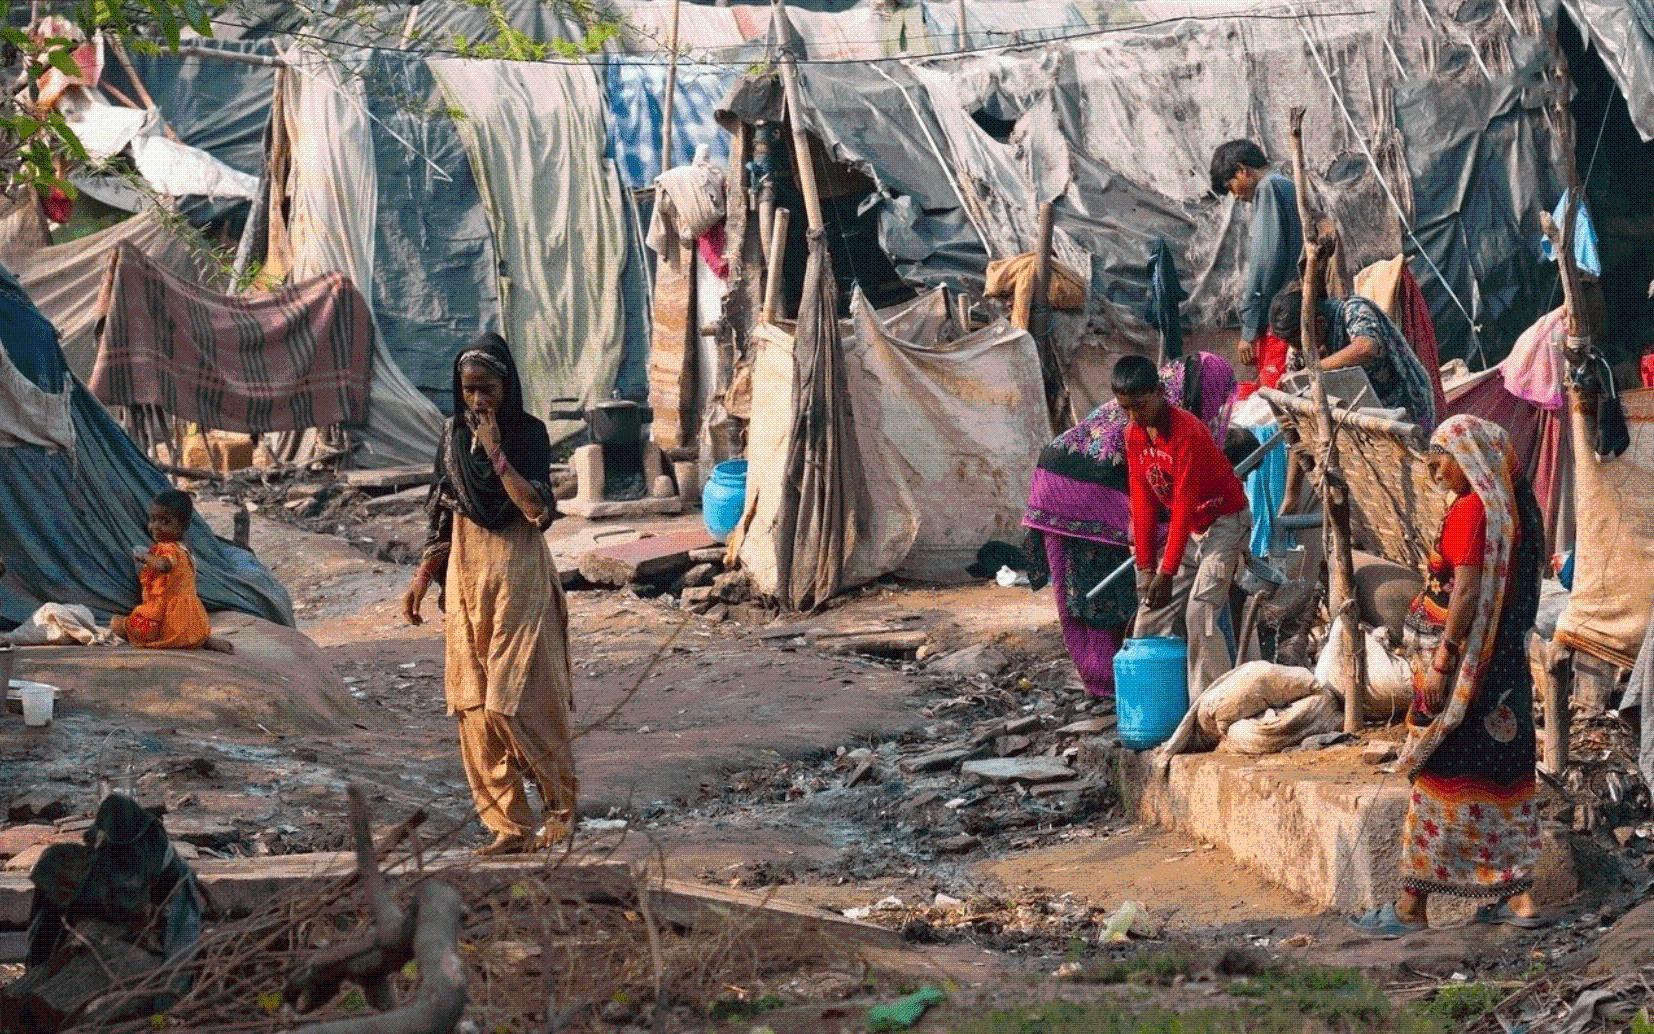 印度贫困人口大量增加,总贫困人口达到1.34亿人